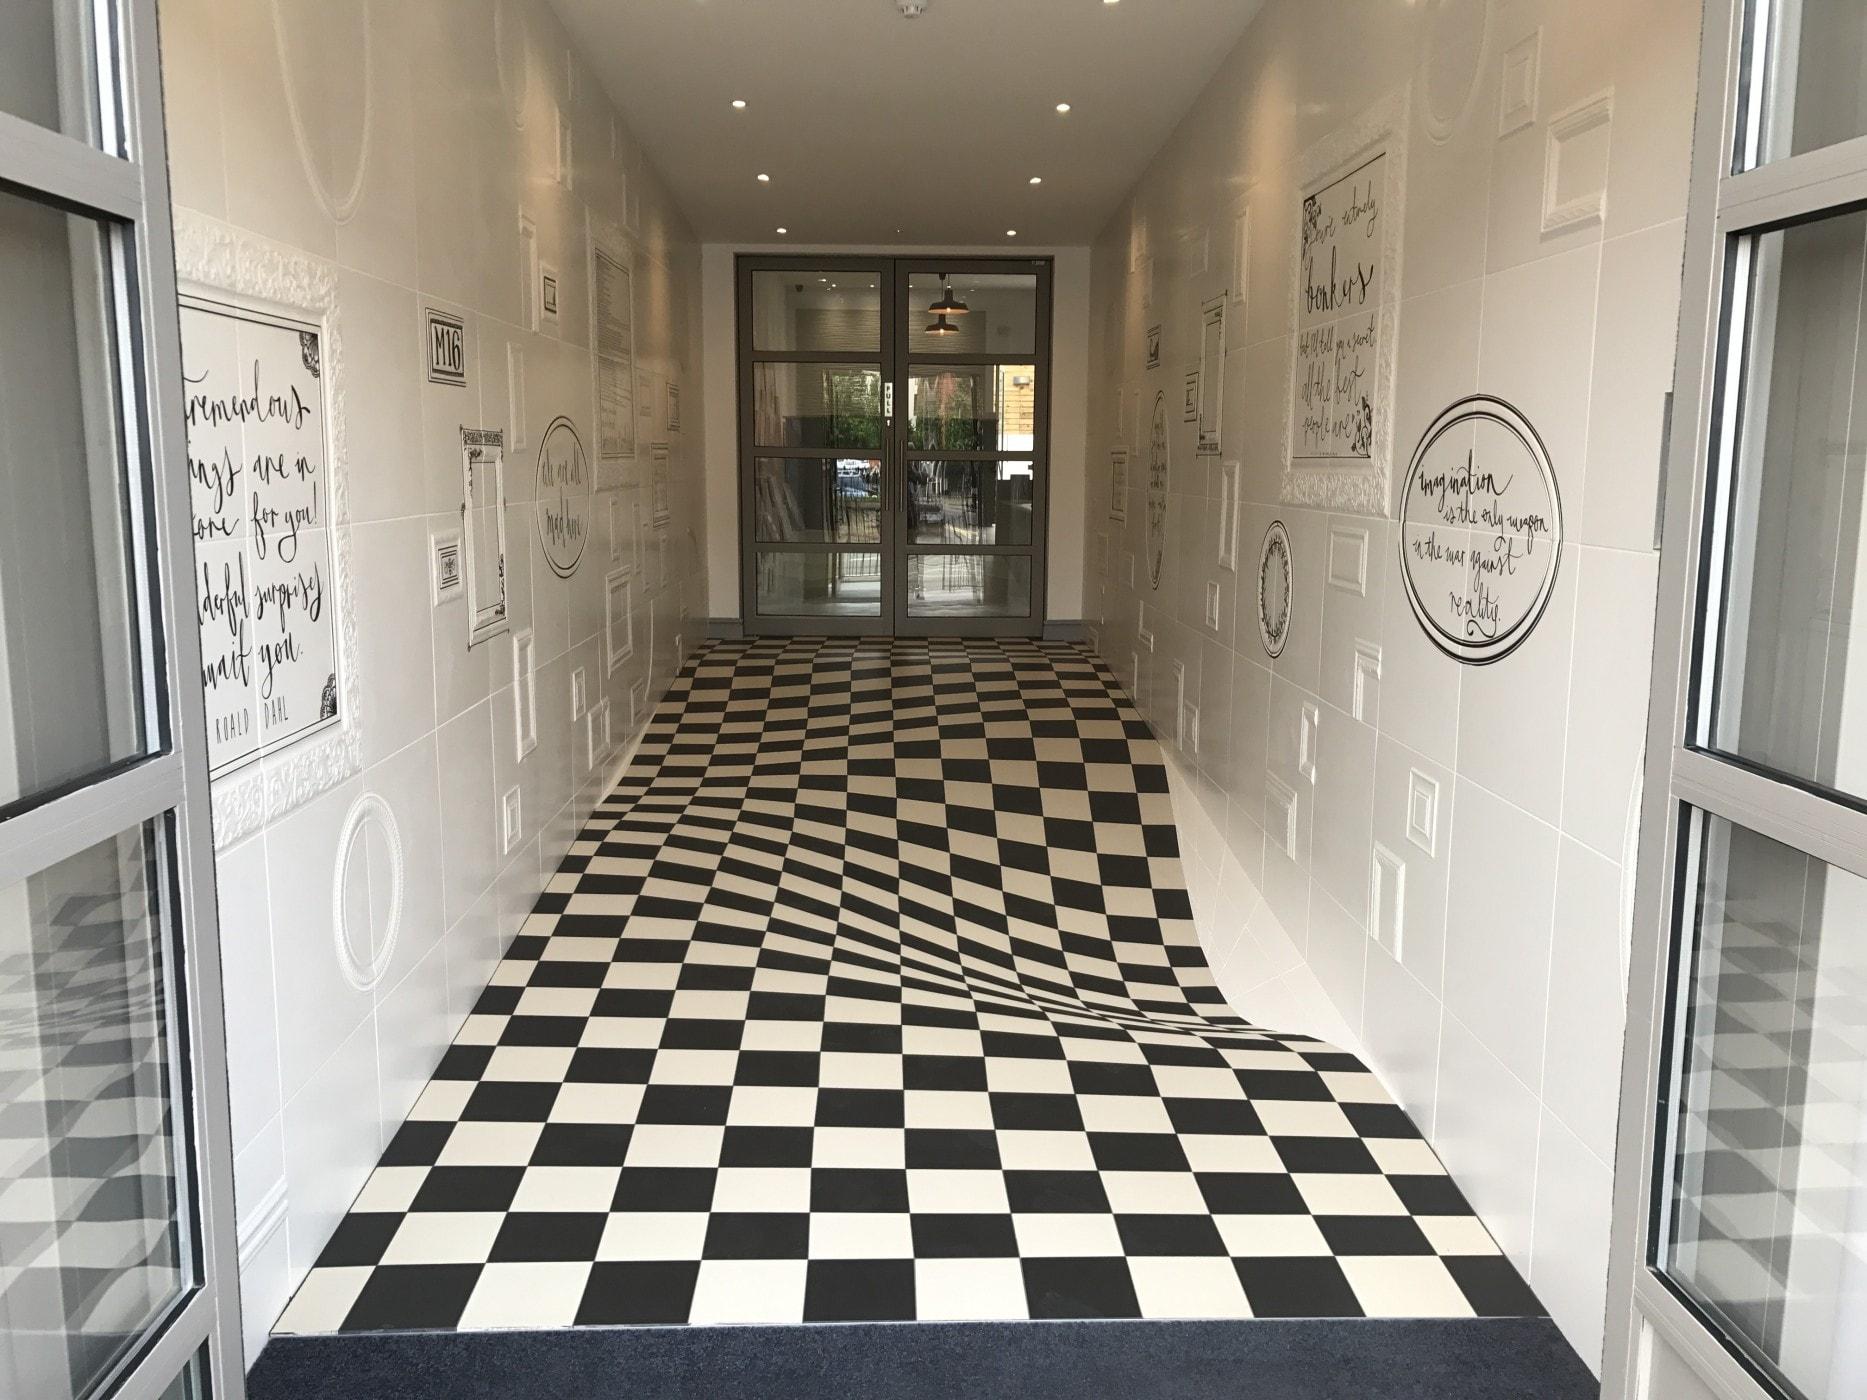 Casa ceramica Optische Täuschung